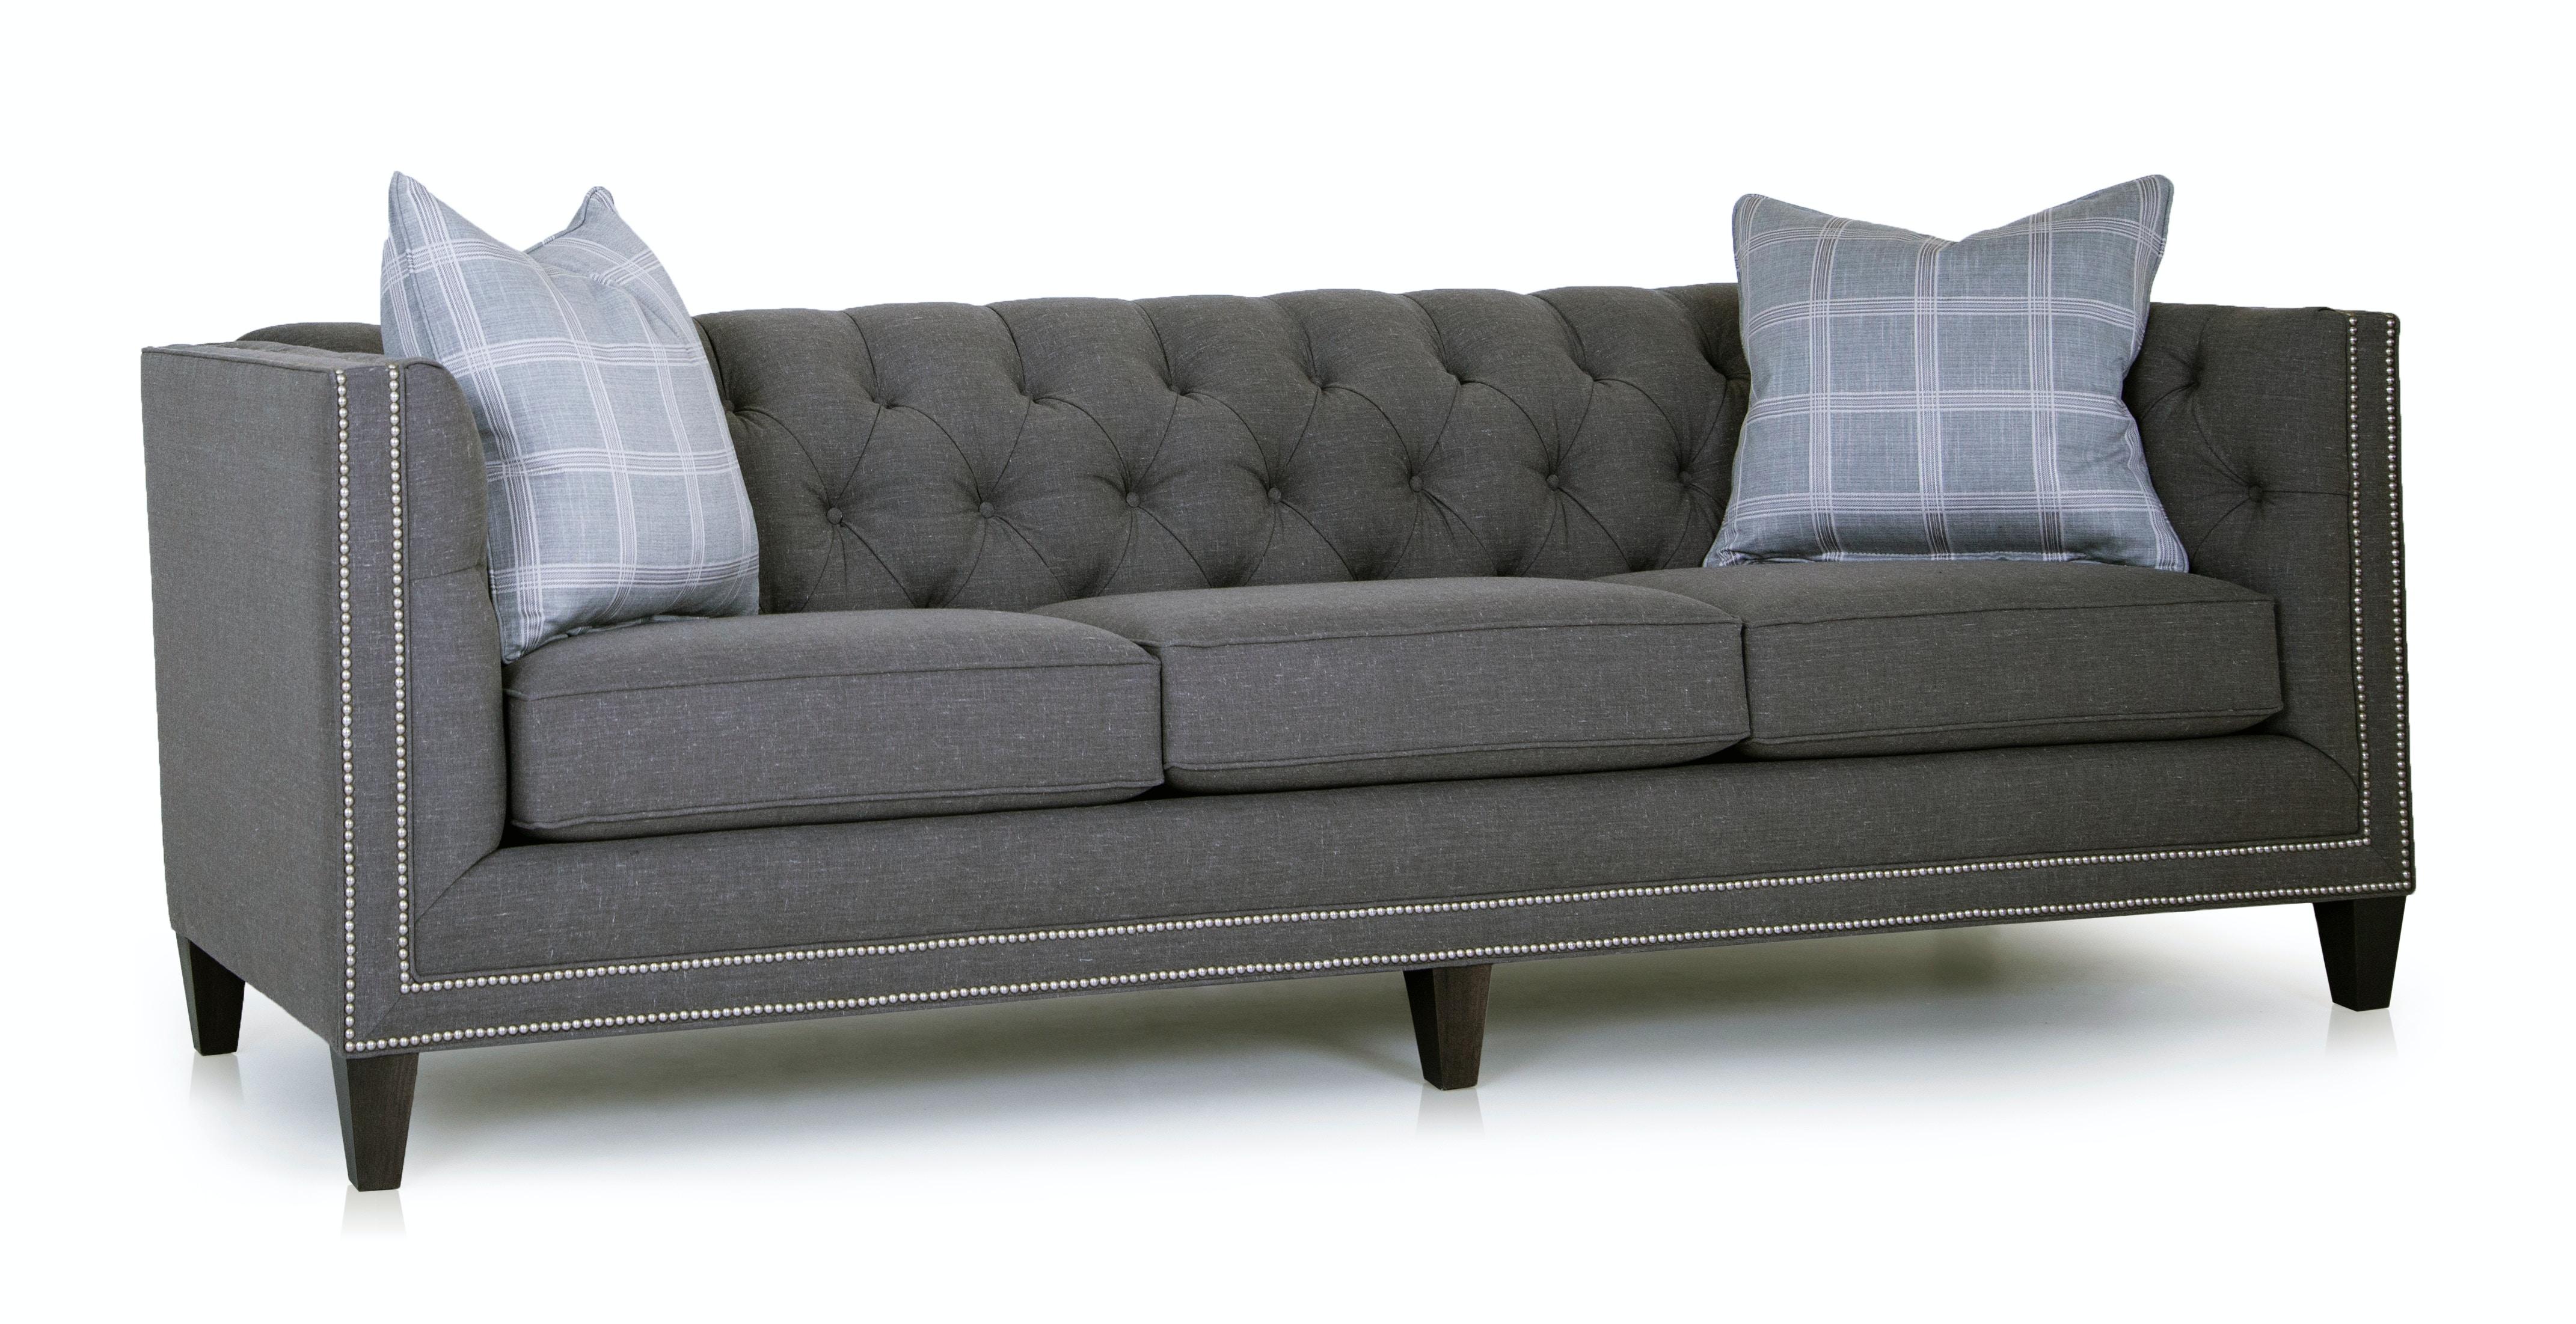 243 10. Sofa